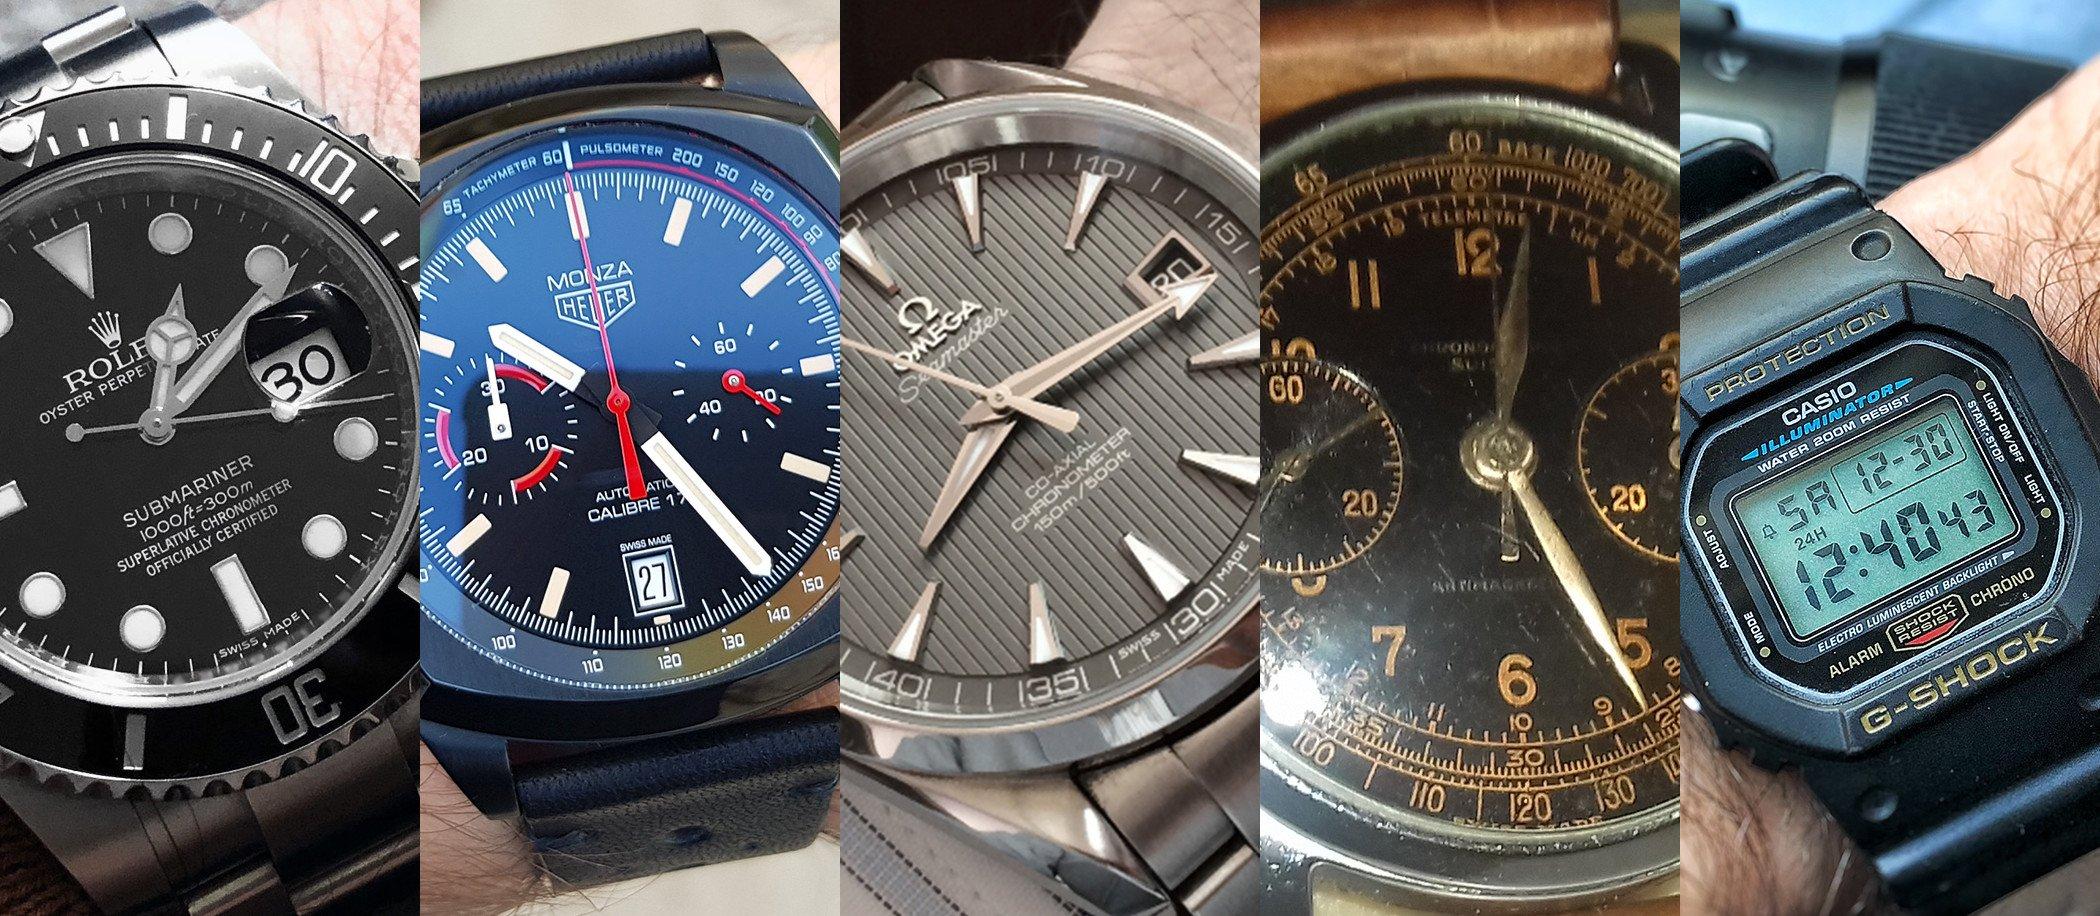 Co nosimy na co dzień? – czyli zegarki redakcji CH24.PL